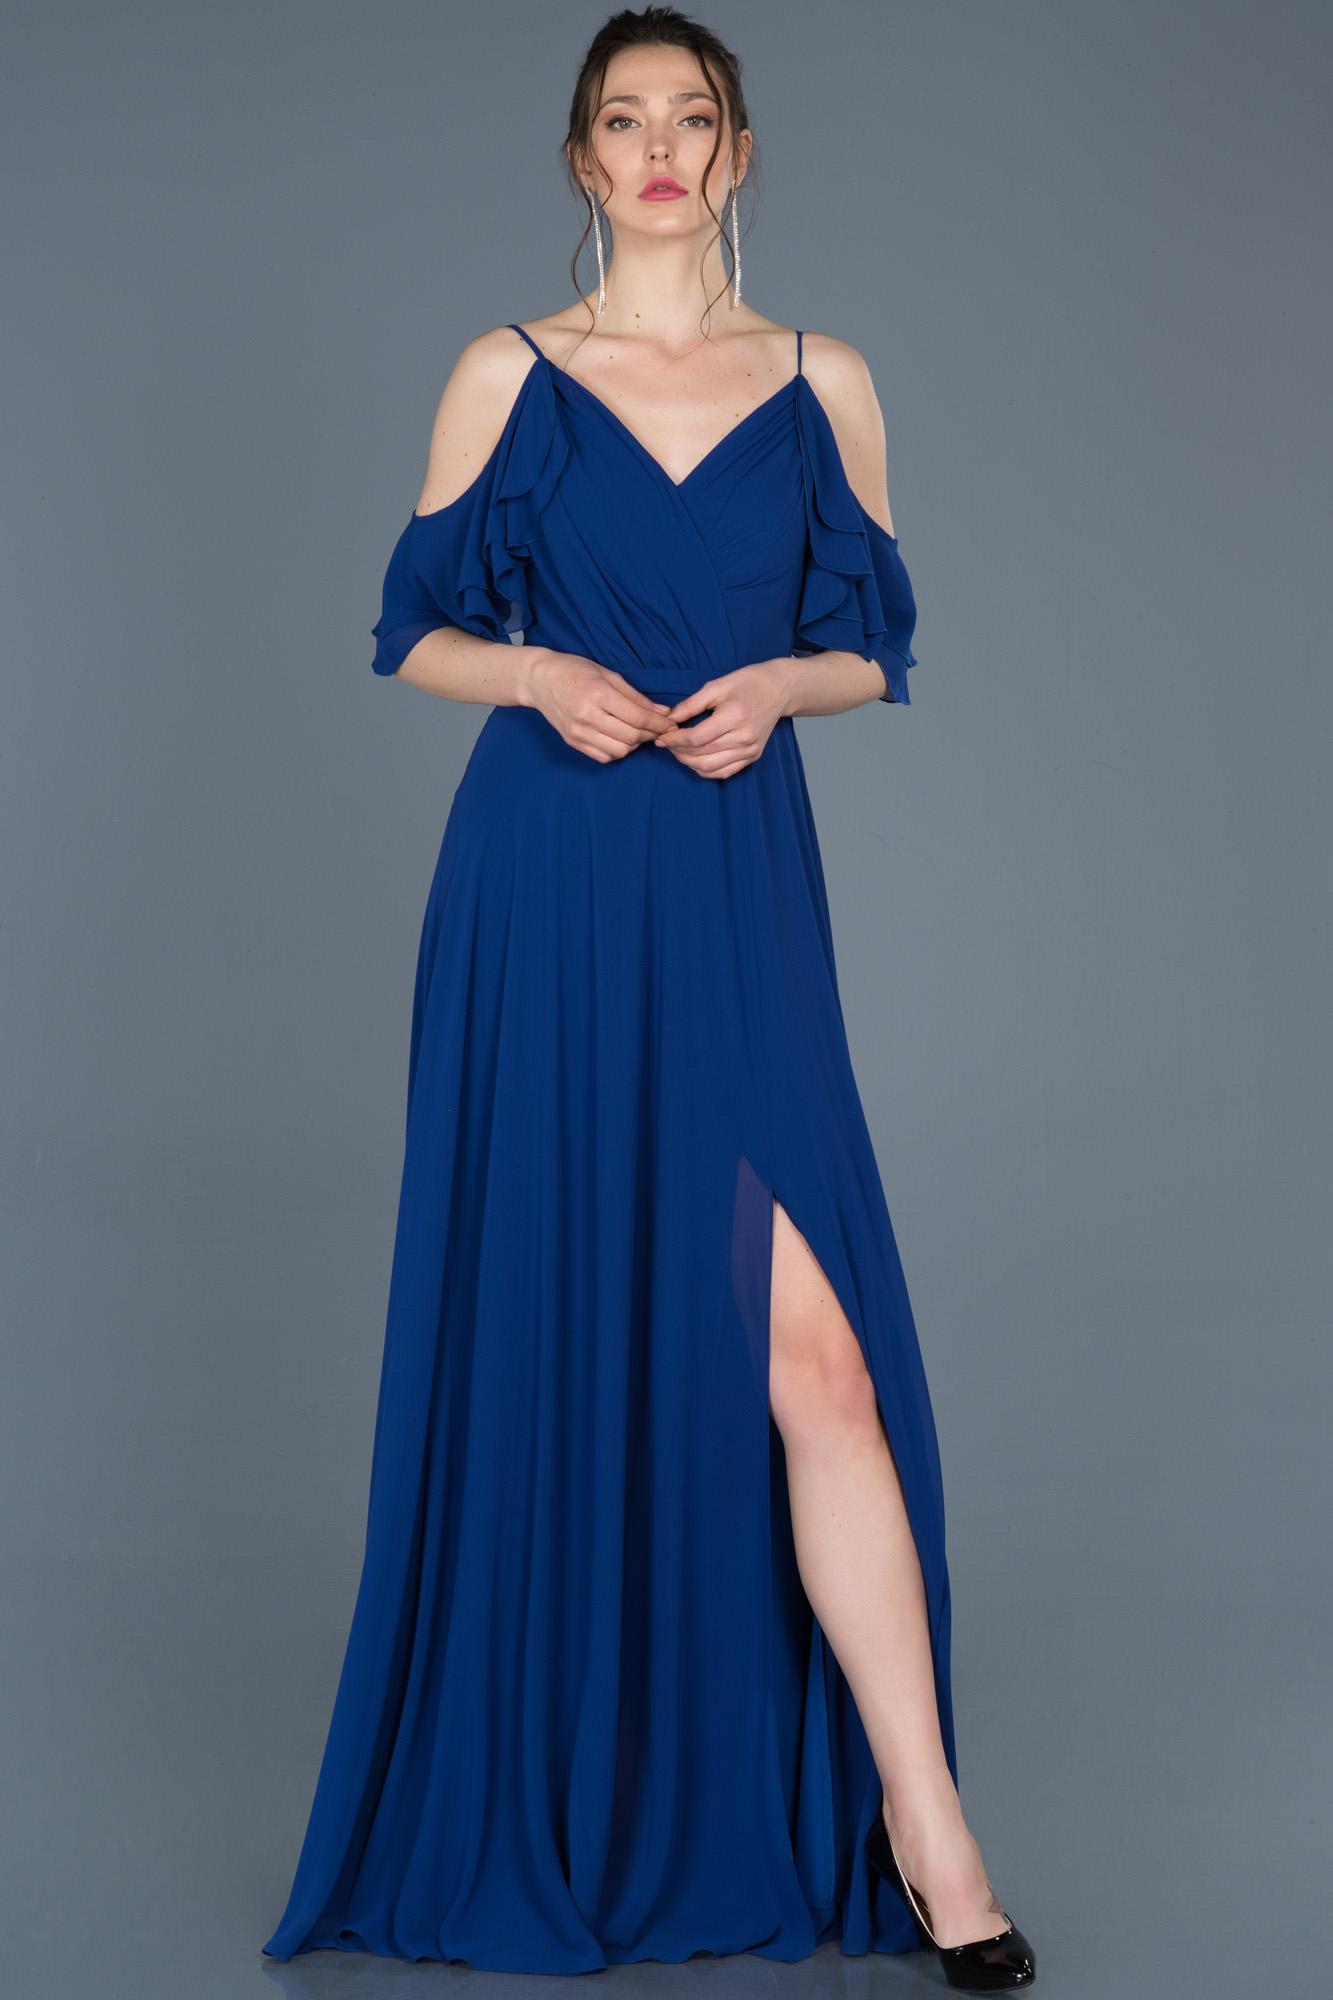 Saks Mavi Uzun V Yaka Yırtmaçlı Abiye Elbise